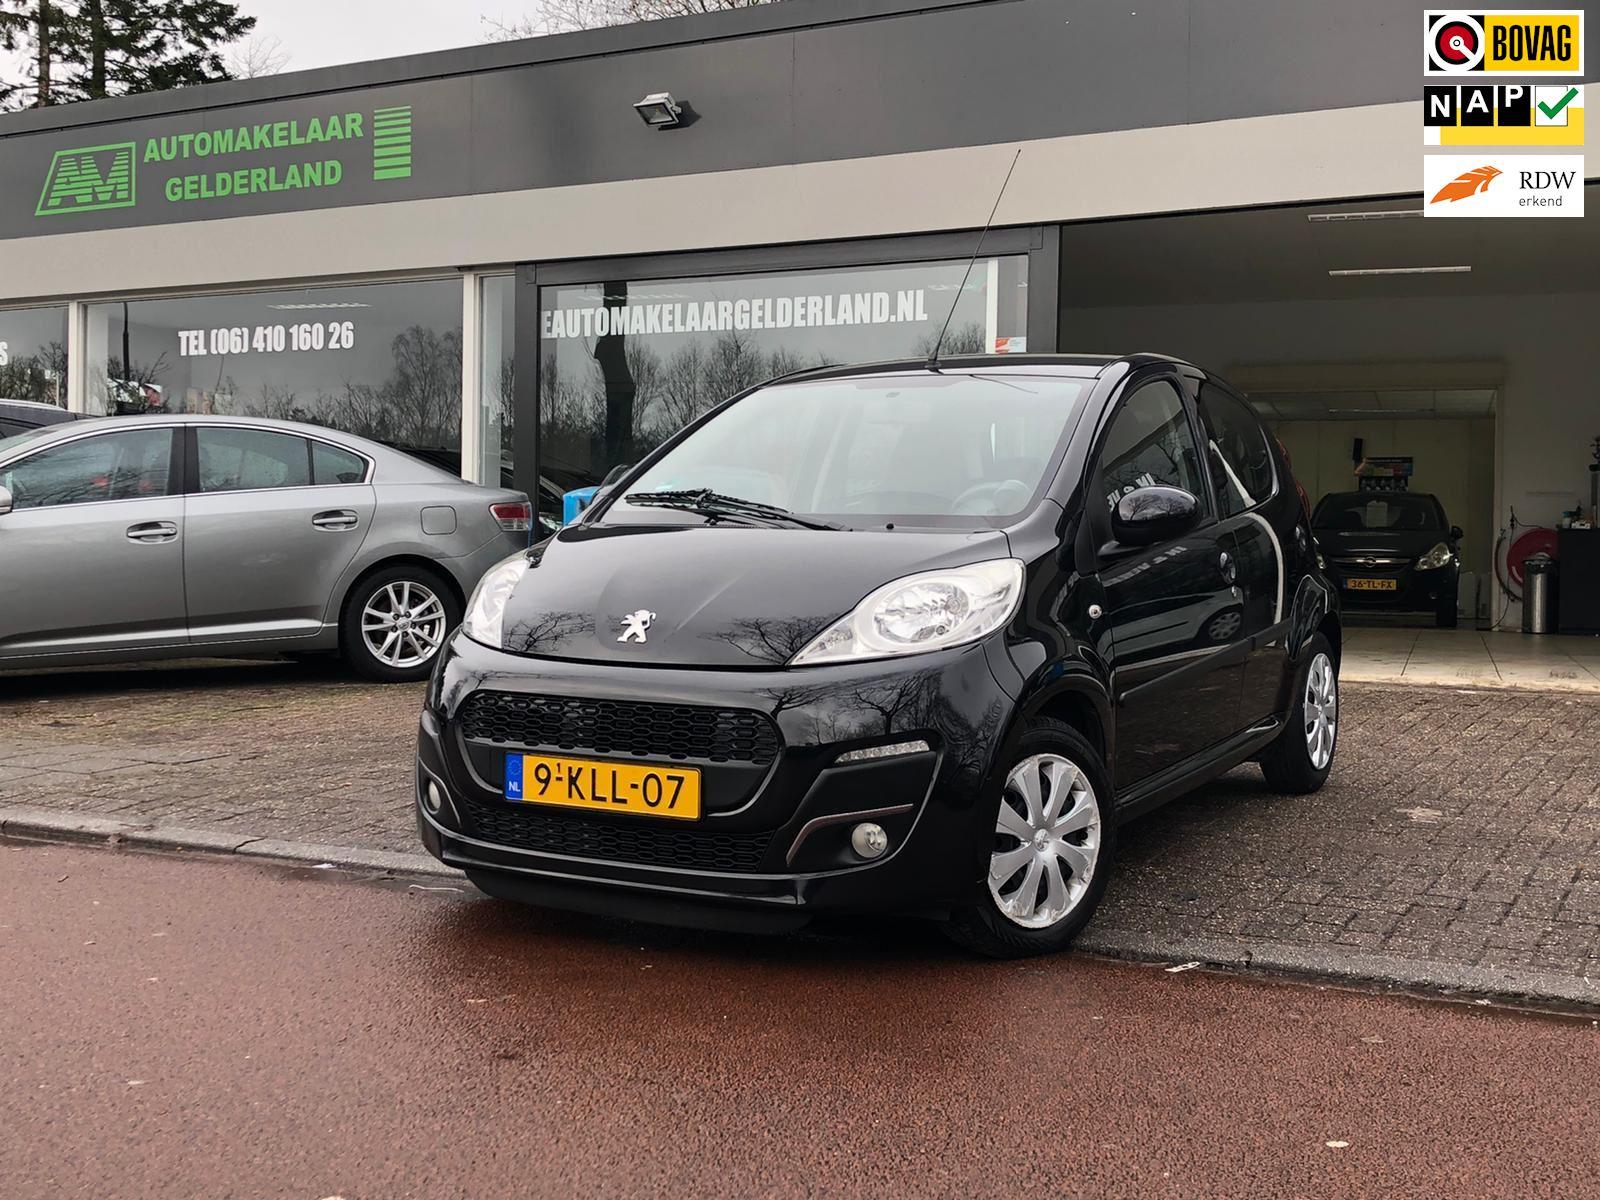 Peugeot 107 occasion - De Automakelaar Gelderland